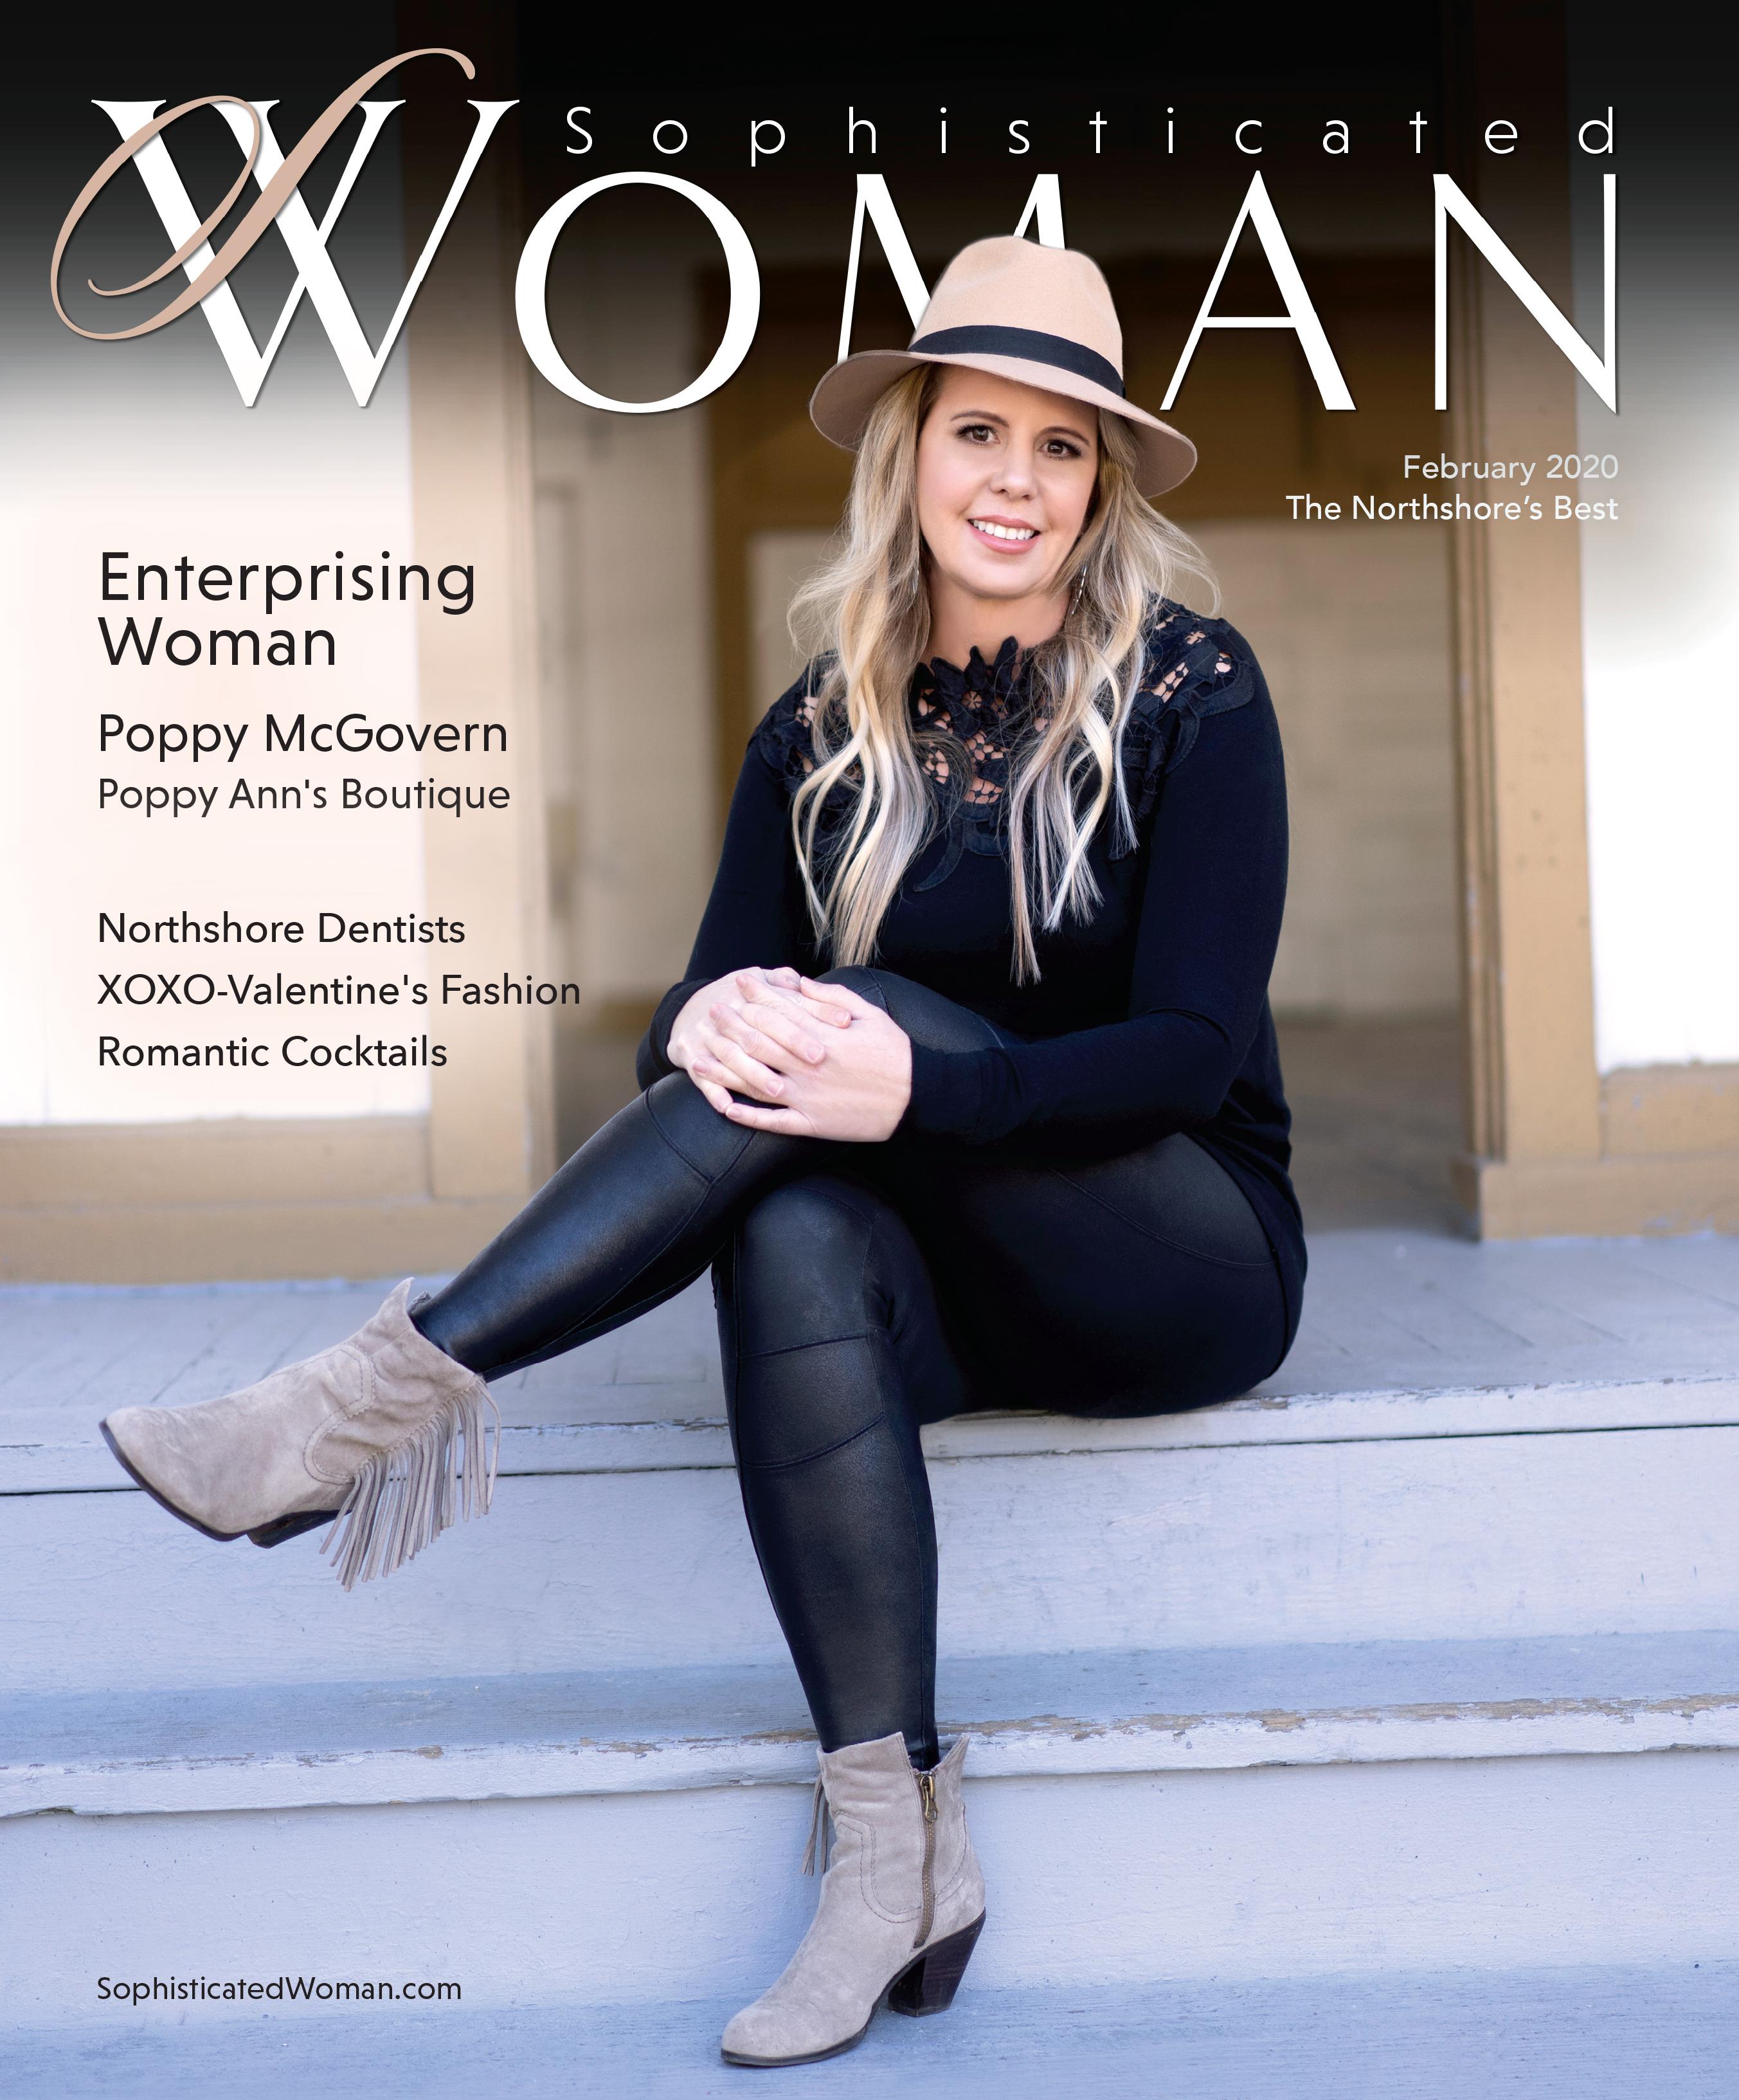 Poppy McGovern February 2020